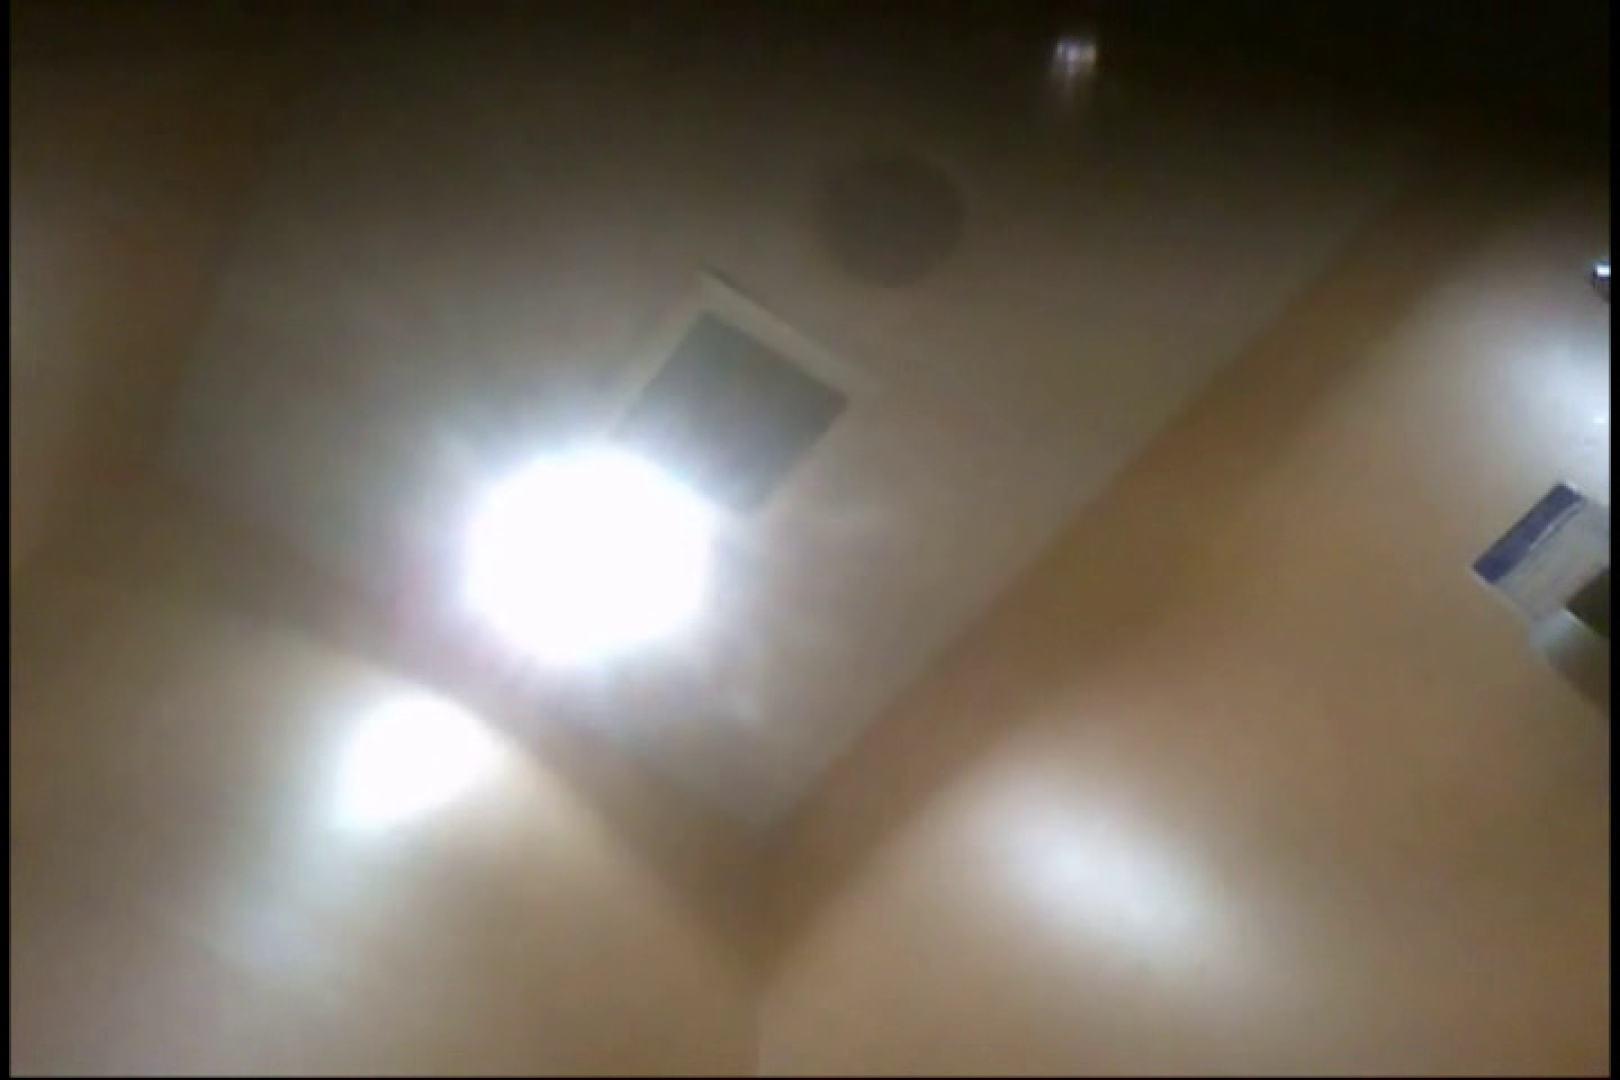 画質向上!新亀さん厠 vol.51 厠隠し撮り おめこ無修正動画無料 81pic 58